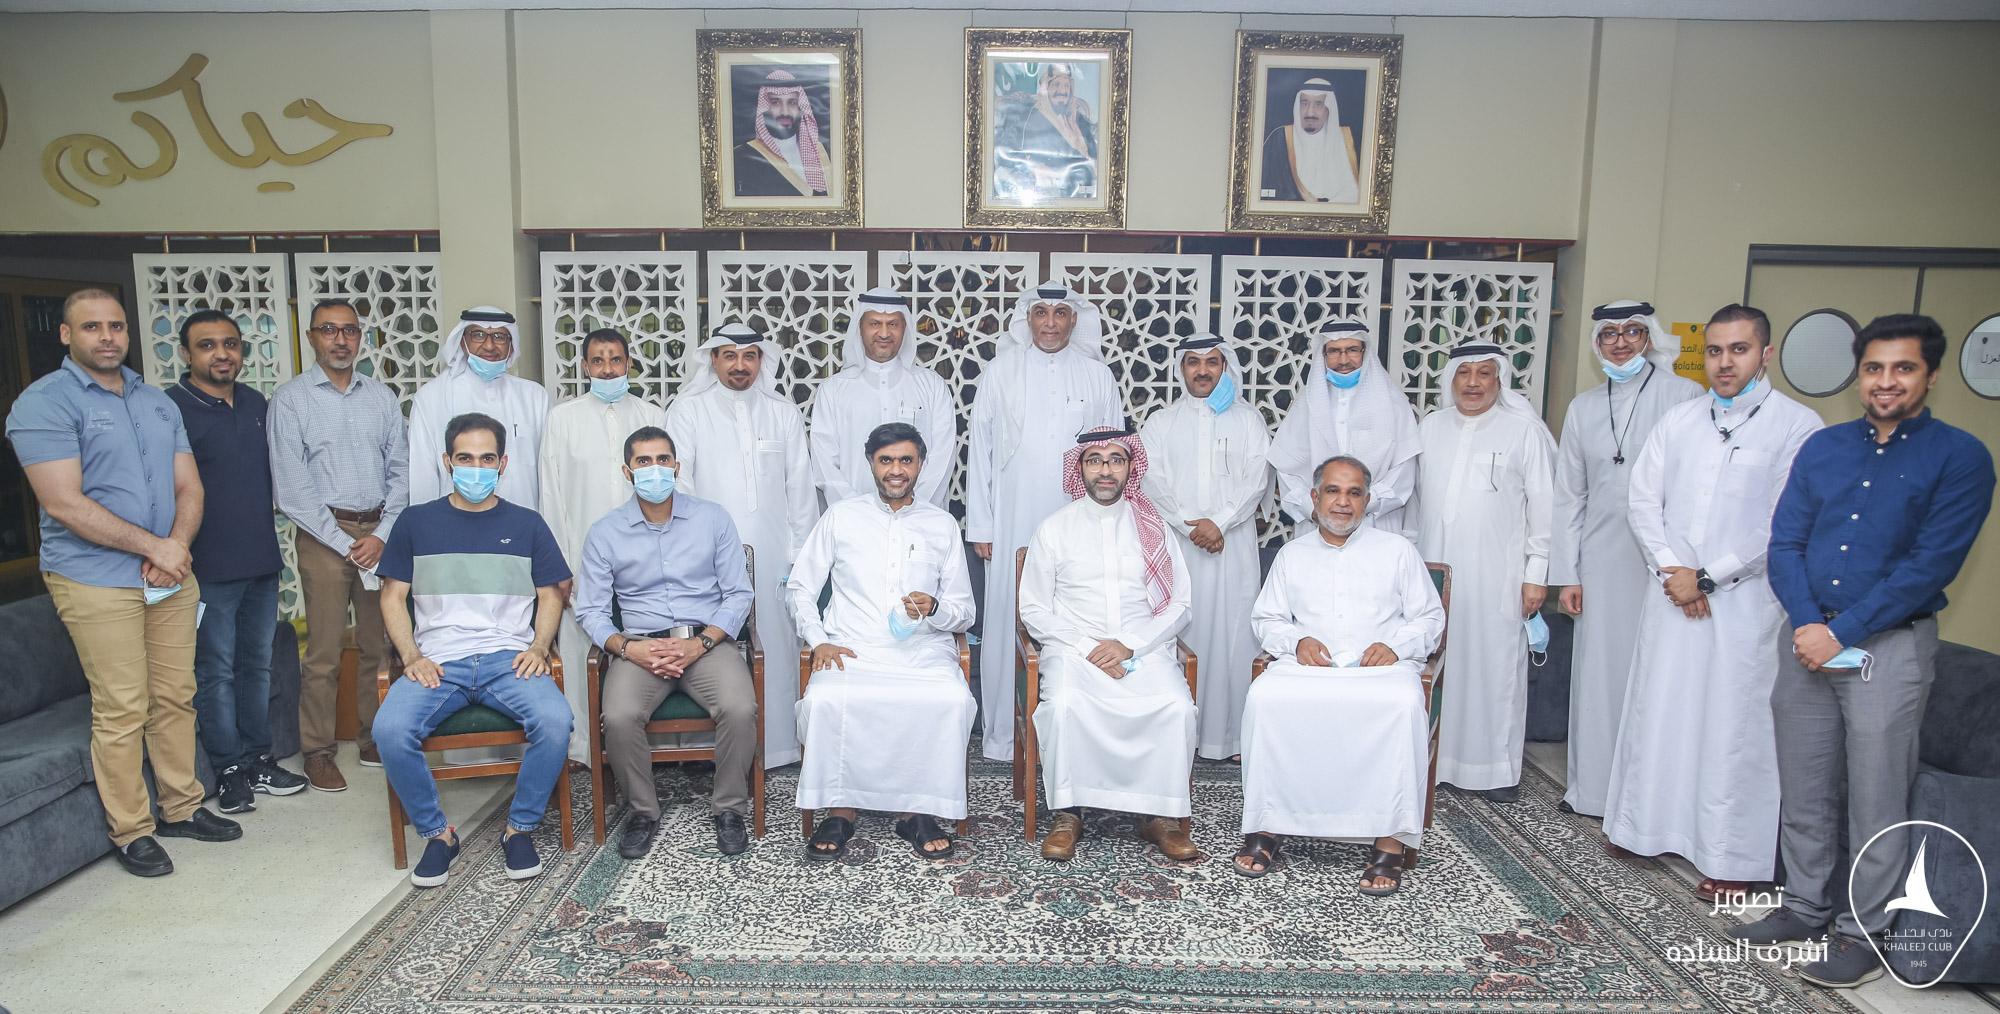 مجلس ادارة جمعية سيهات للخدمات الاجتماعية يزور نادي الخليج